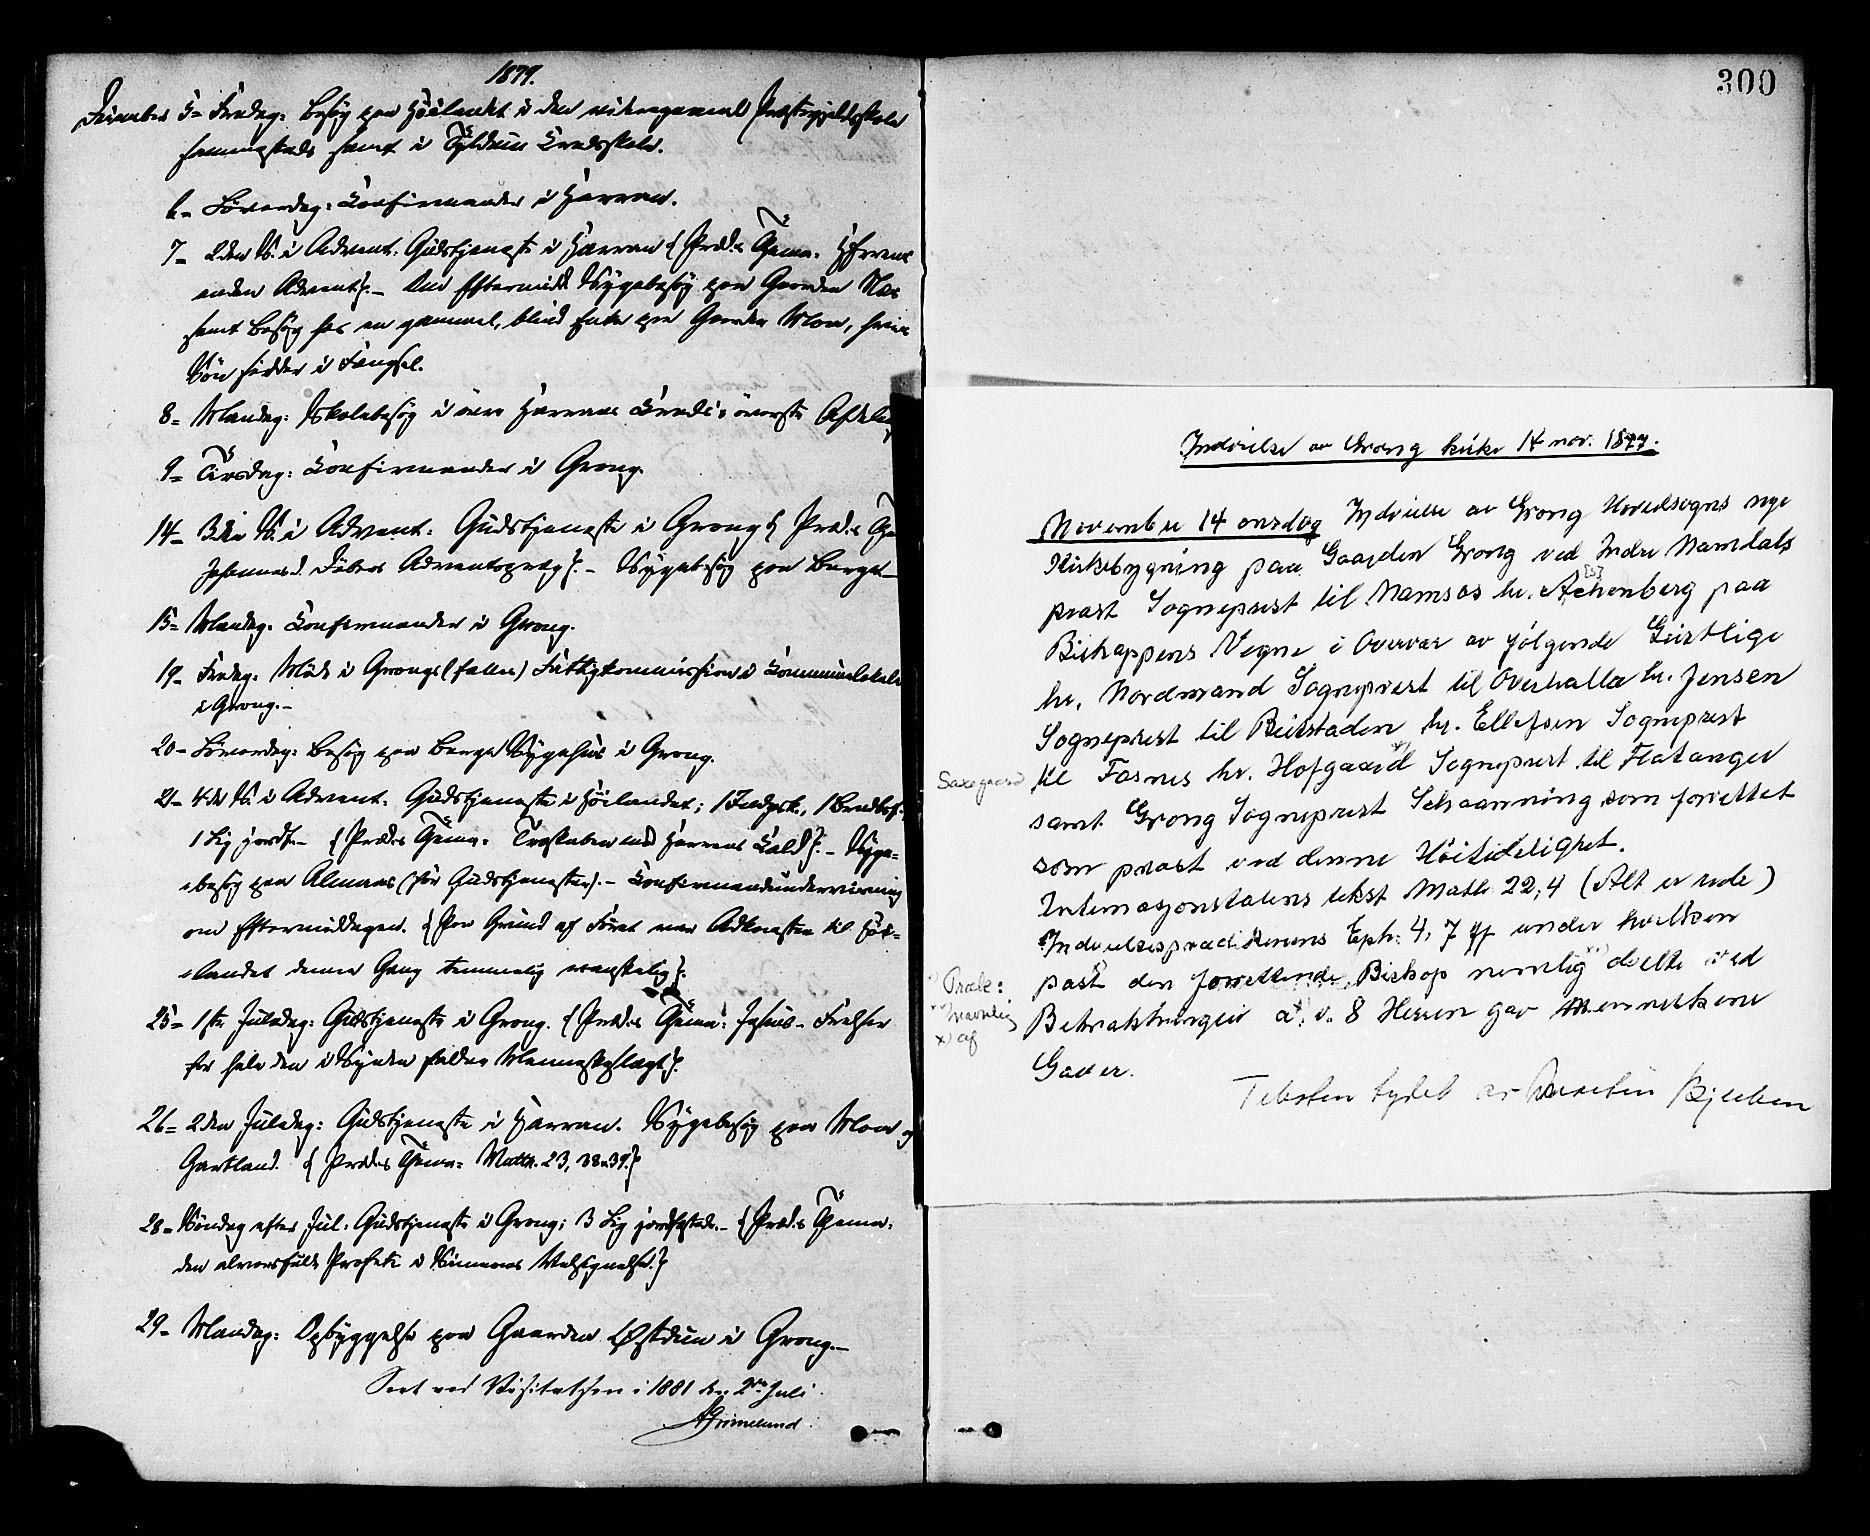 SAT, Ministerialprotokoller, klokkerbøker og fødselsregistre - Nord-Trøndelag, 758/L0516: Ministerialbok nr. 758A03 /1, 1869-1879, s. 300